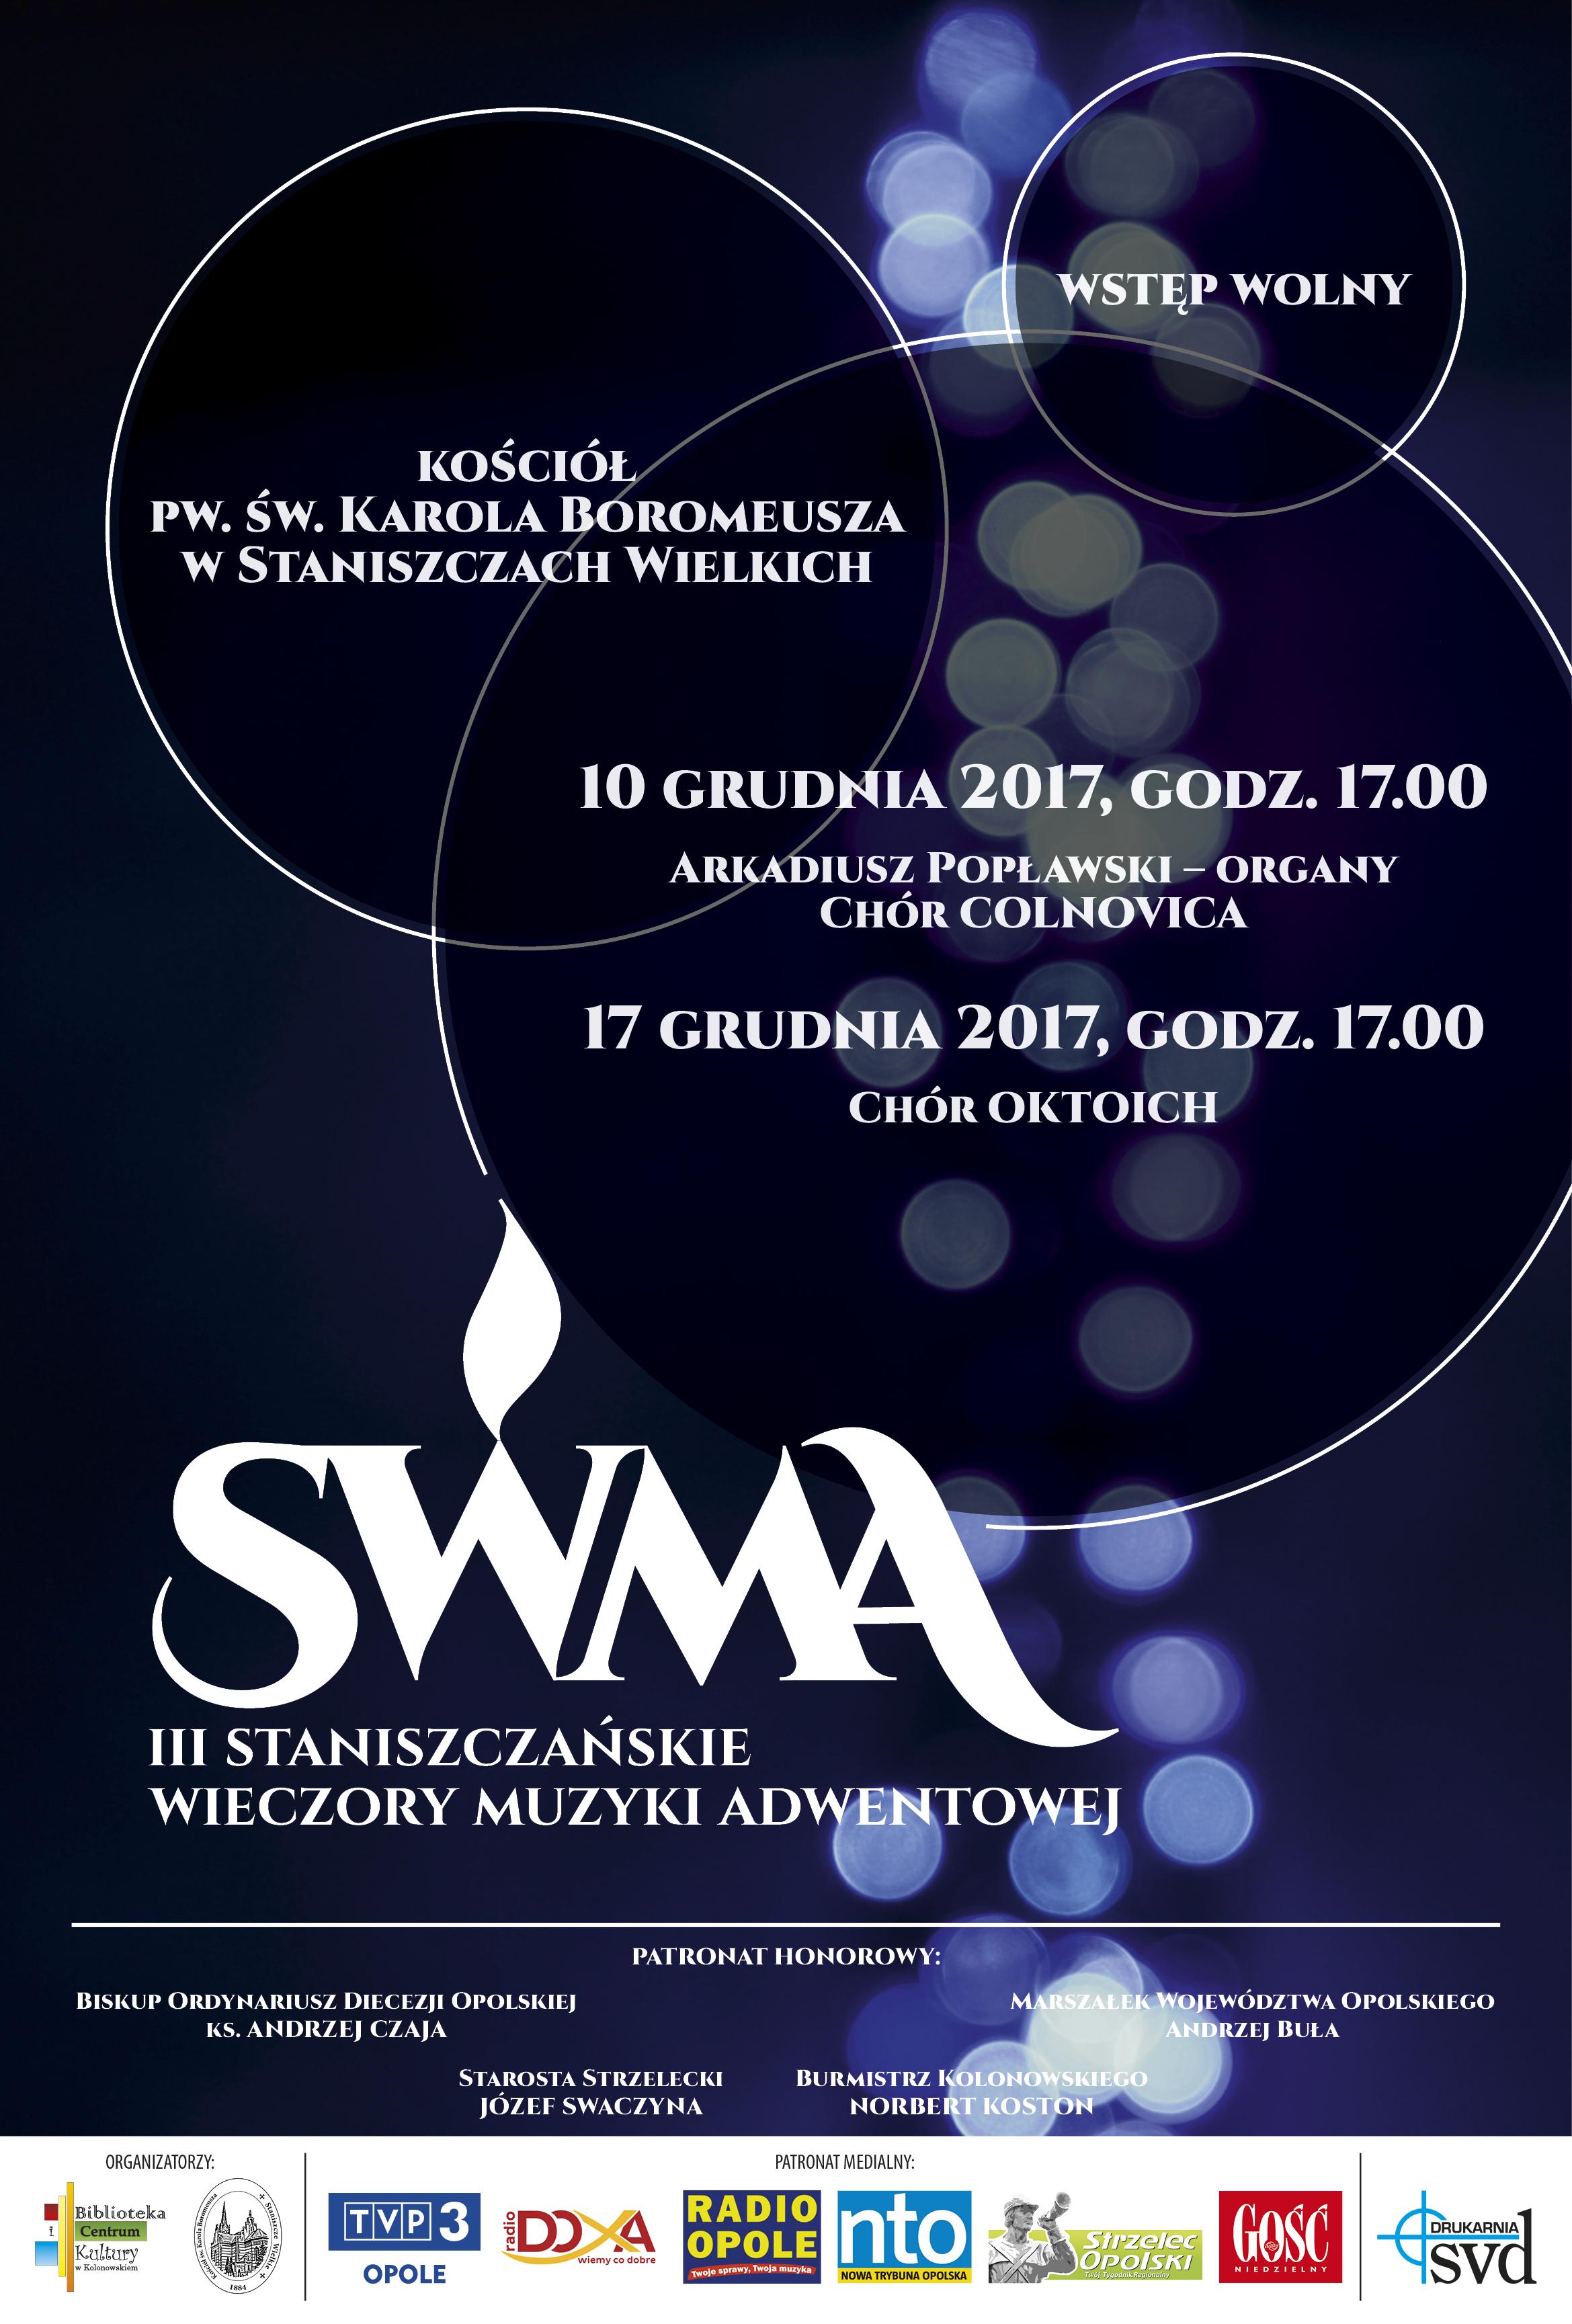 Wieczory muzyki adwentowej w Staniszczach Wielkich odbędą się 10 i 17 grudnia